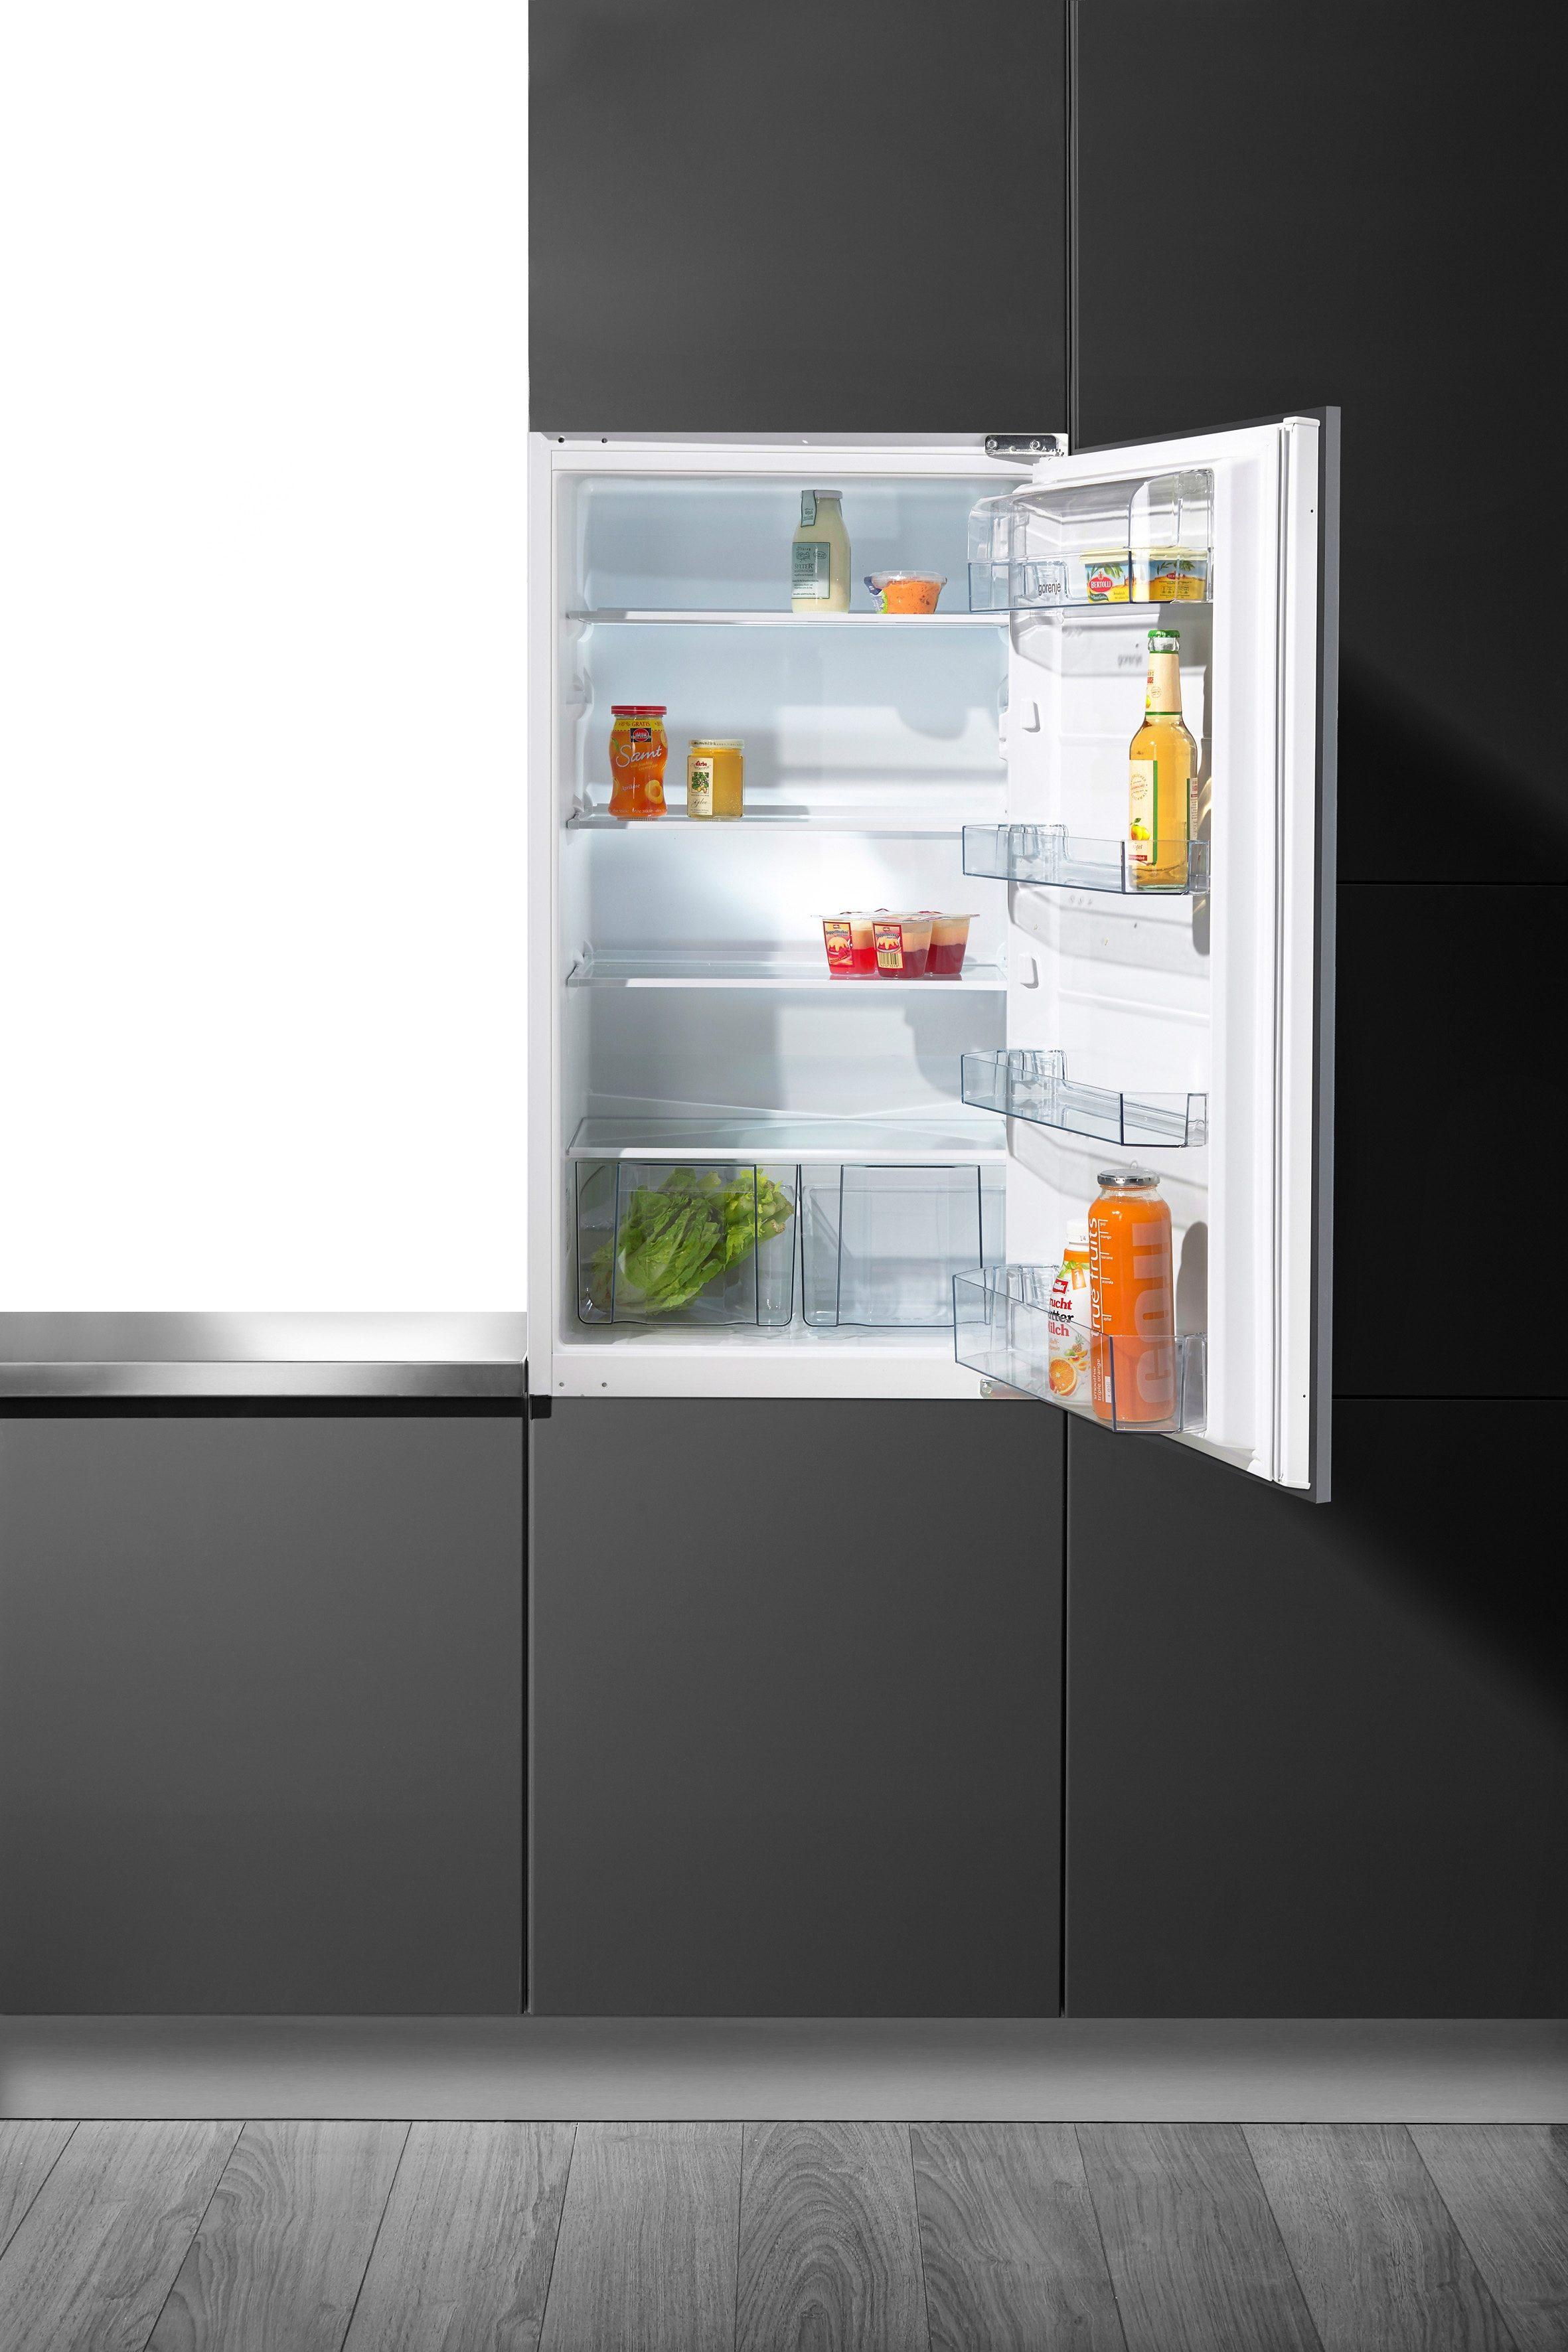 GORENJE Einbaukühlschrank RI 4102 AW, 102,5 cm hoch, 54 cm breit, A++, 102,5 cm hoch, integrierbar